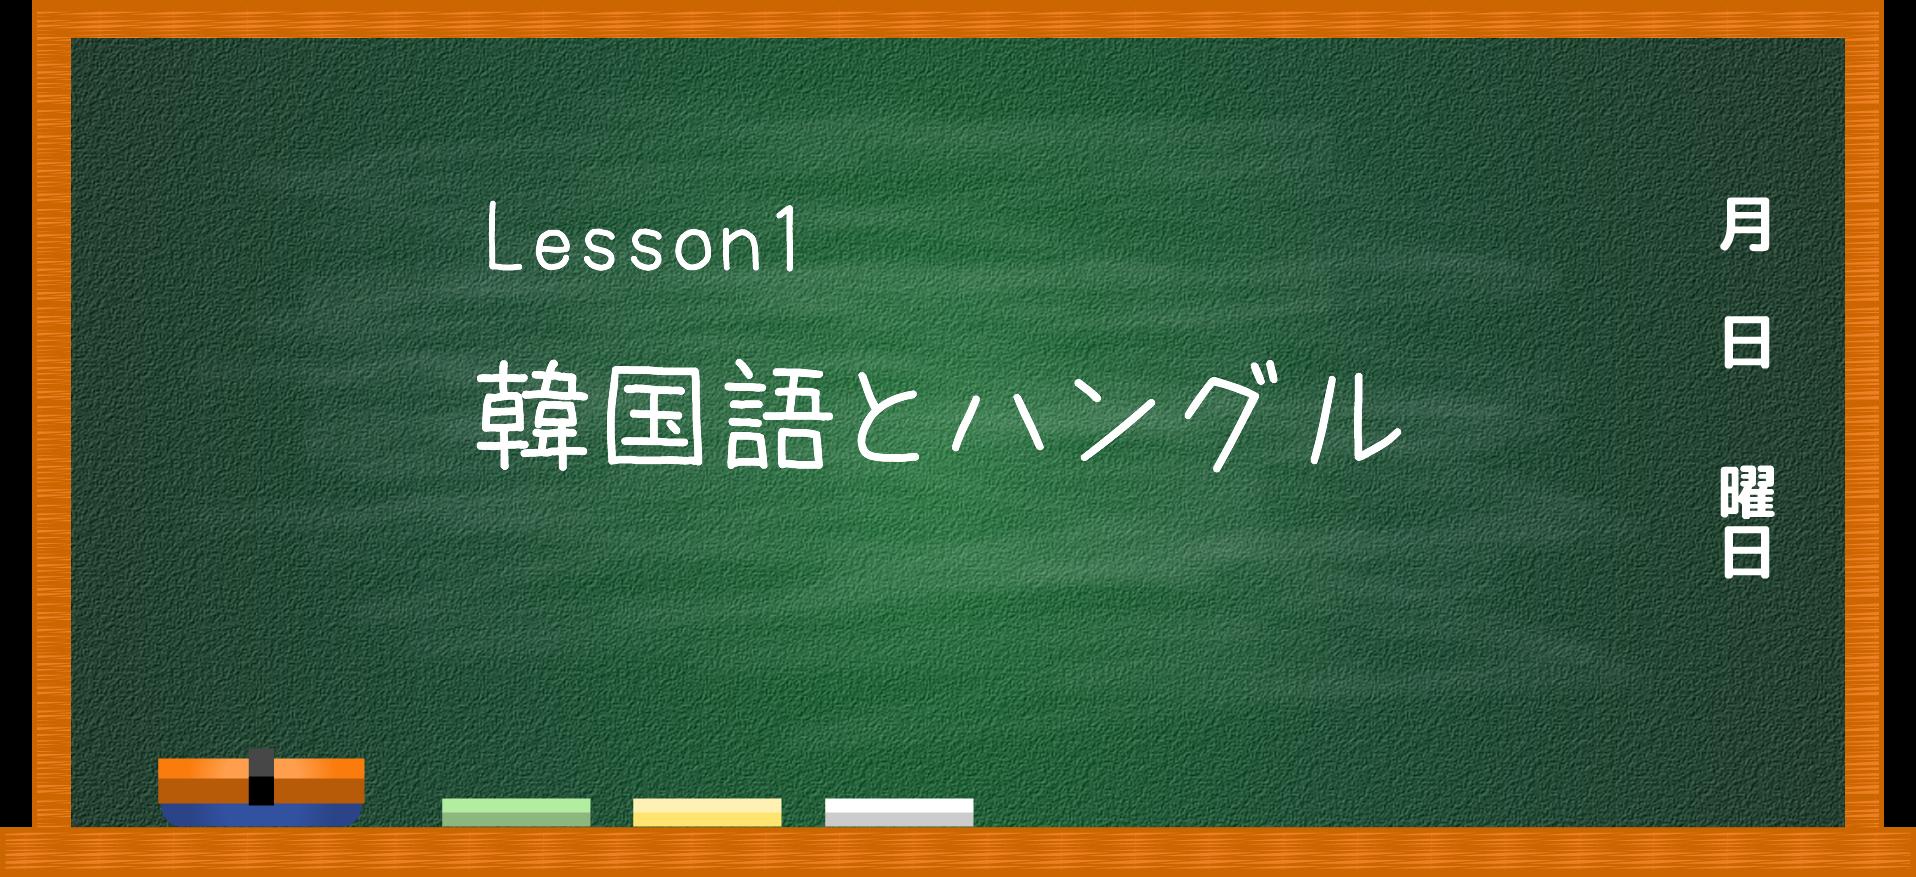 【Lesson】韓国語とハングルについて